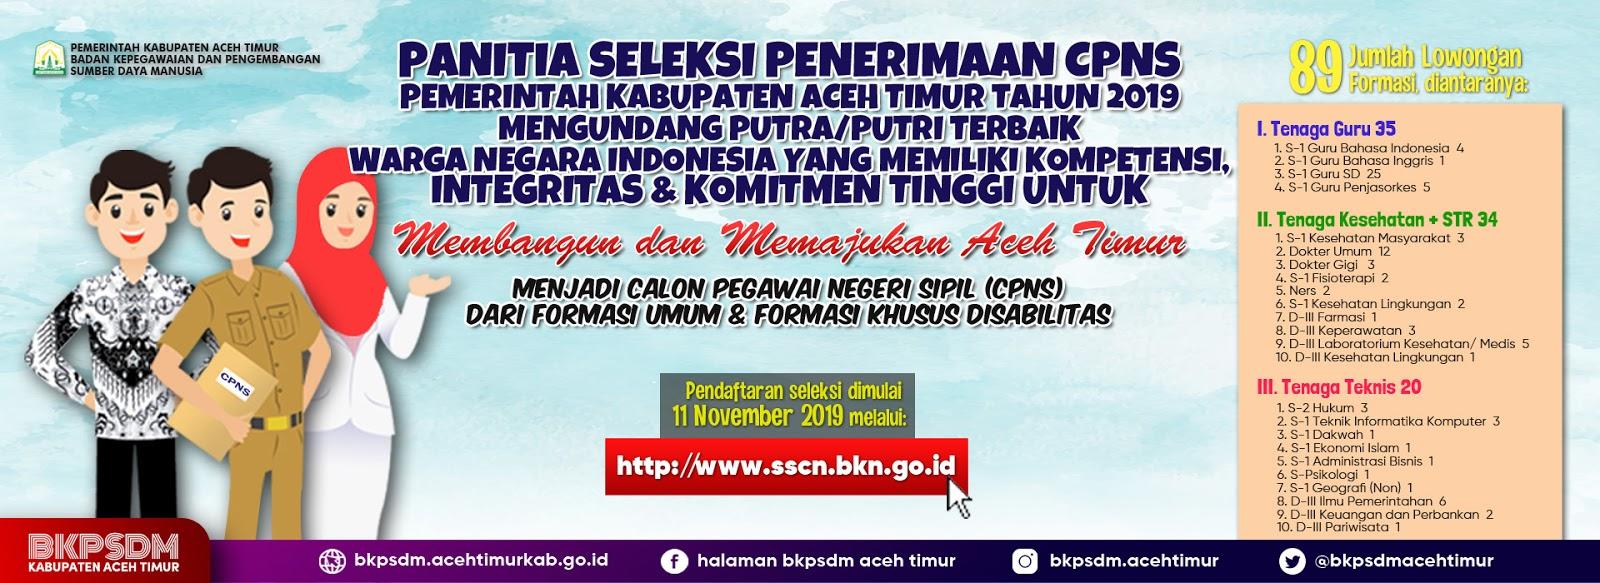 Formasi Penerimaan CPNS Pemkab Aceh Timur [89 Formasi]